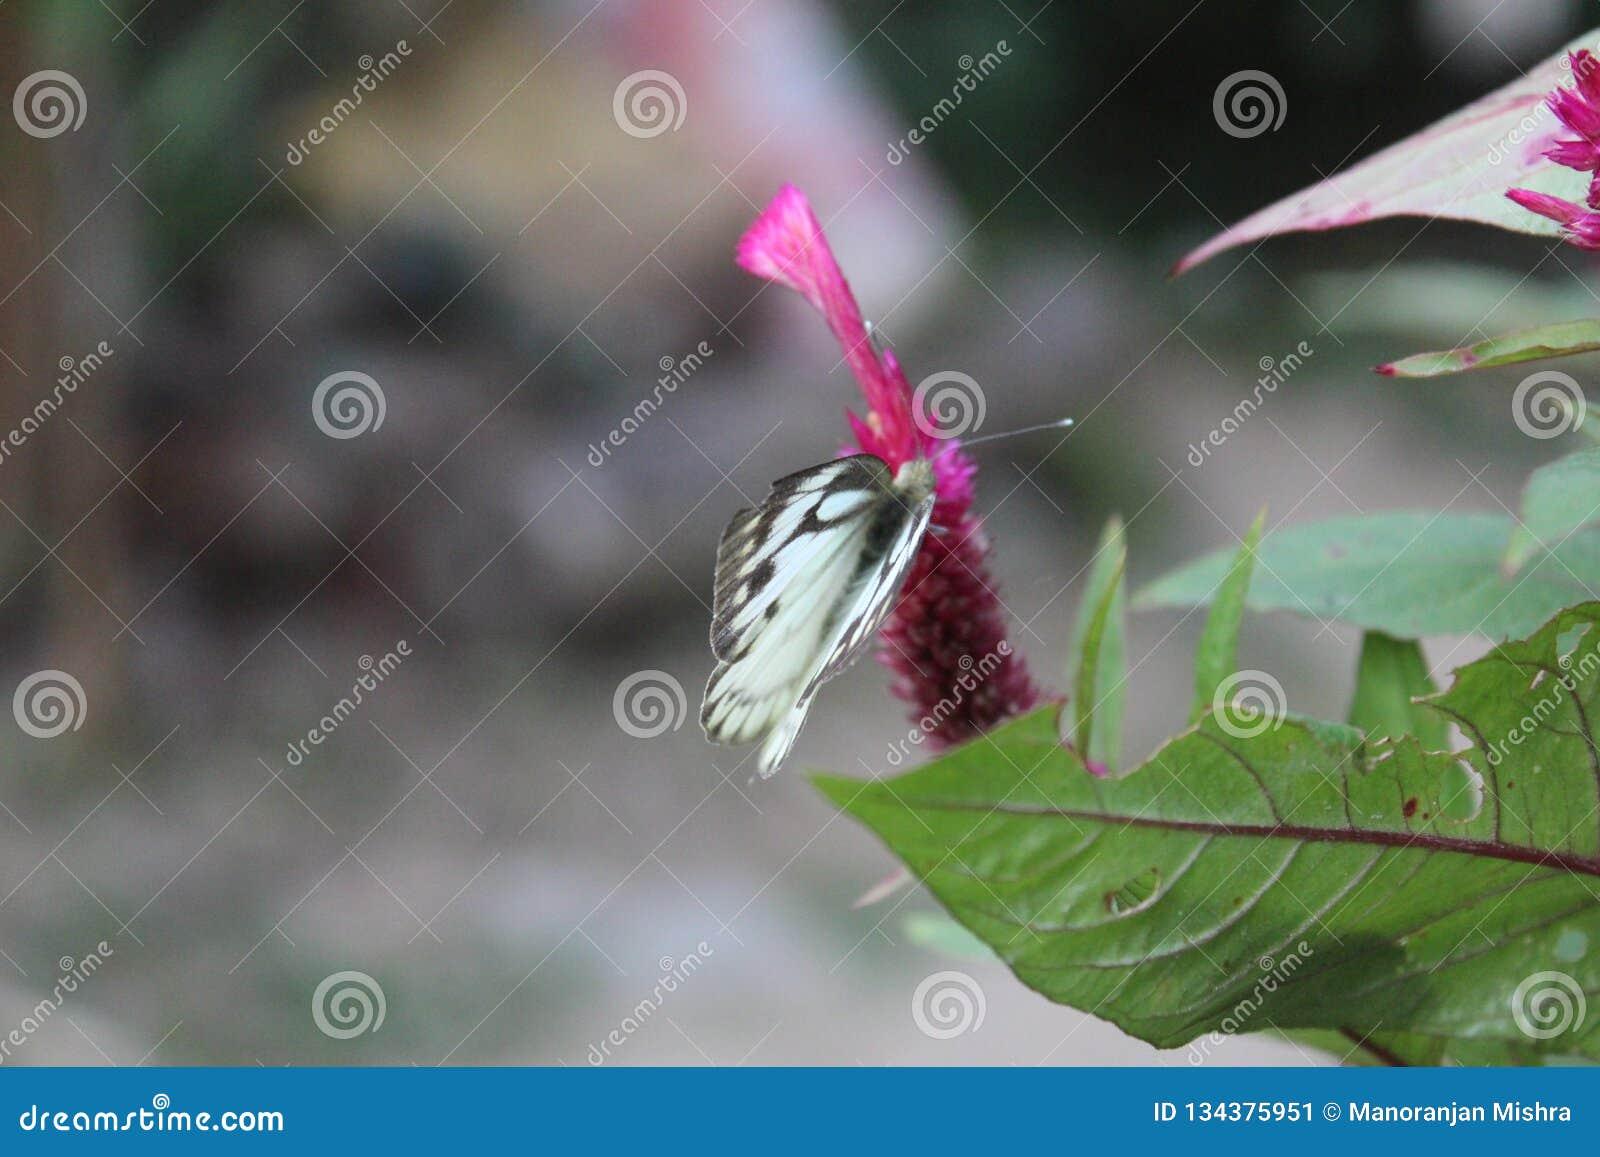 Imagem do close-up de uma borboleta branca pioneira descascada da alcaparra branca ou indiana que descansa na flor cor-de-rosa